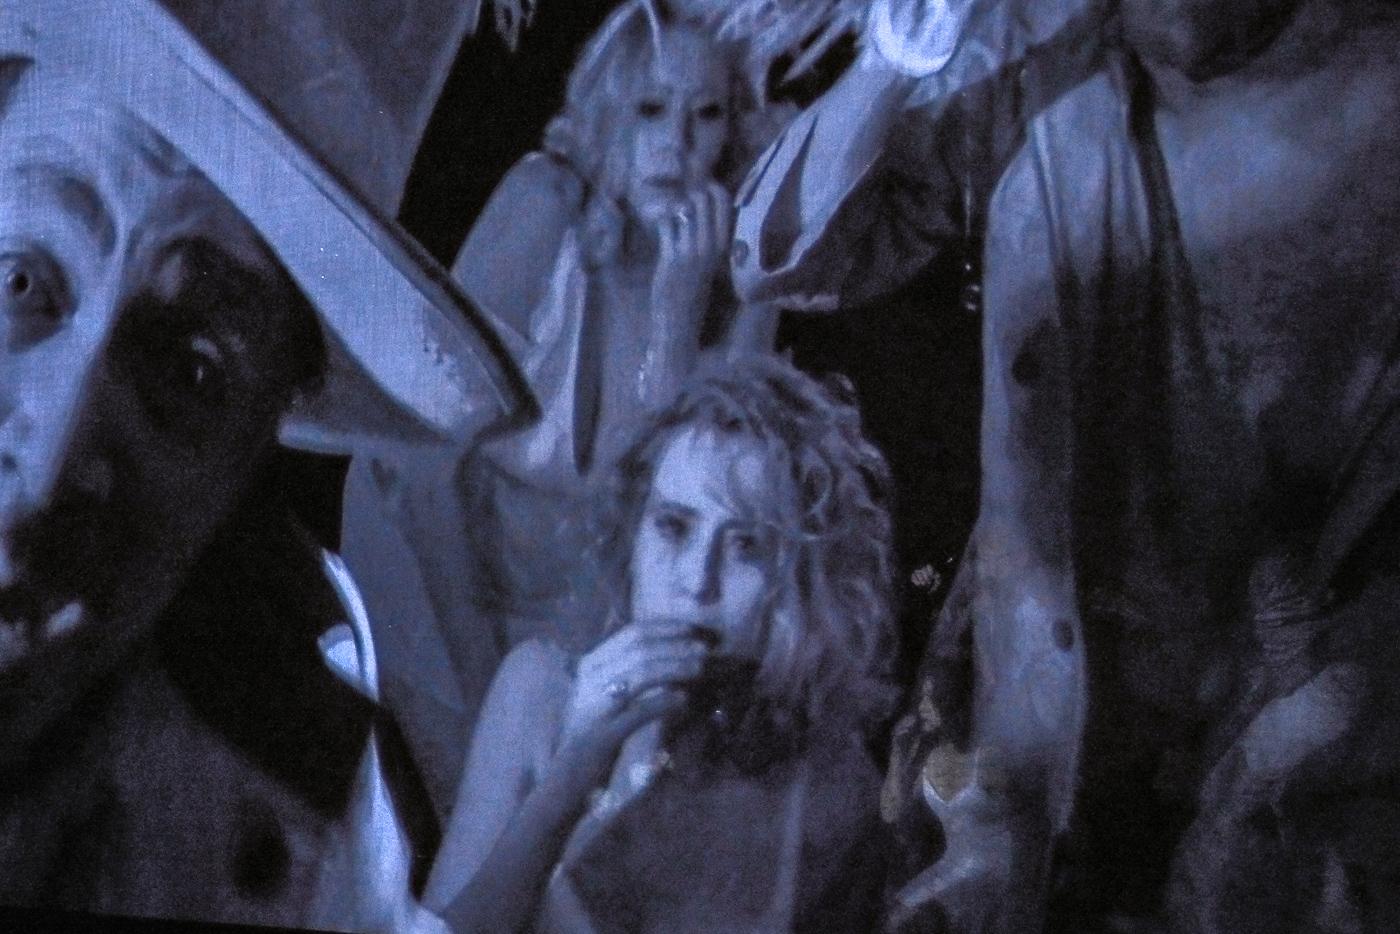 Die Liveaufnahmen der Infrarotkamera werden in Grautönen auf die Leinwand projiziert.